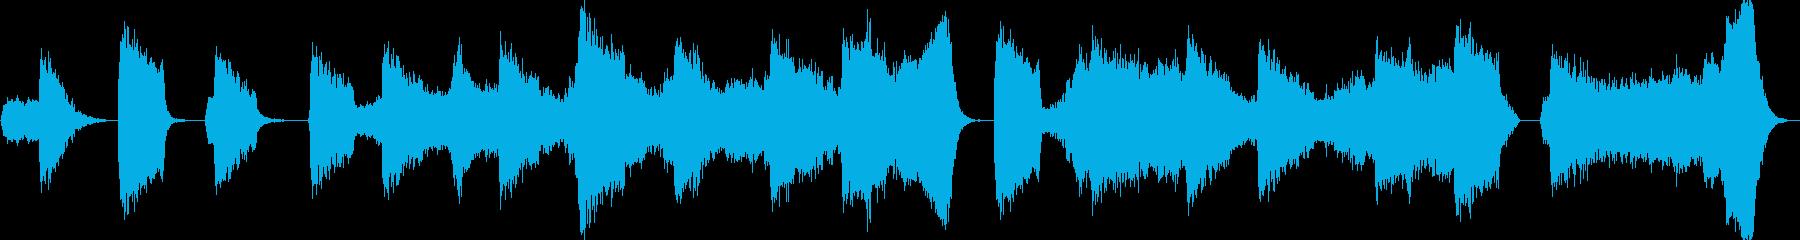 不気味なオーケストレーションは、迫...の再生済みの波形